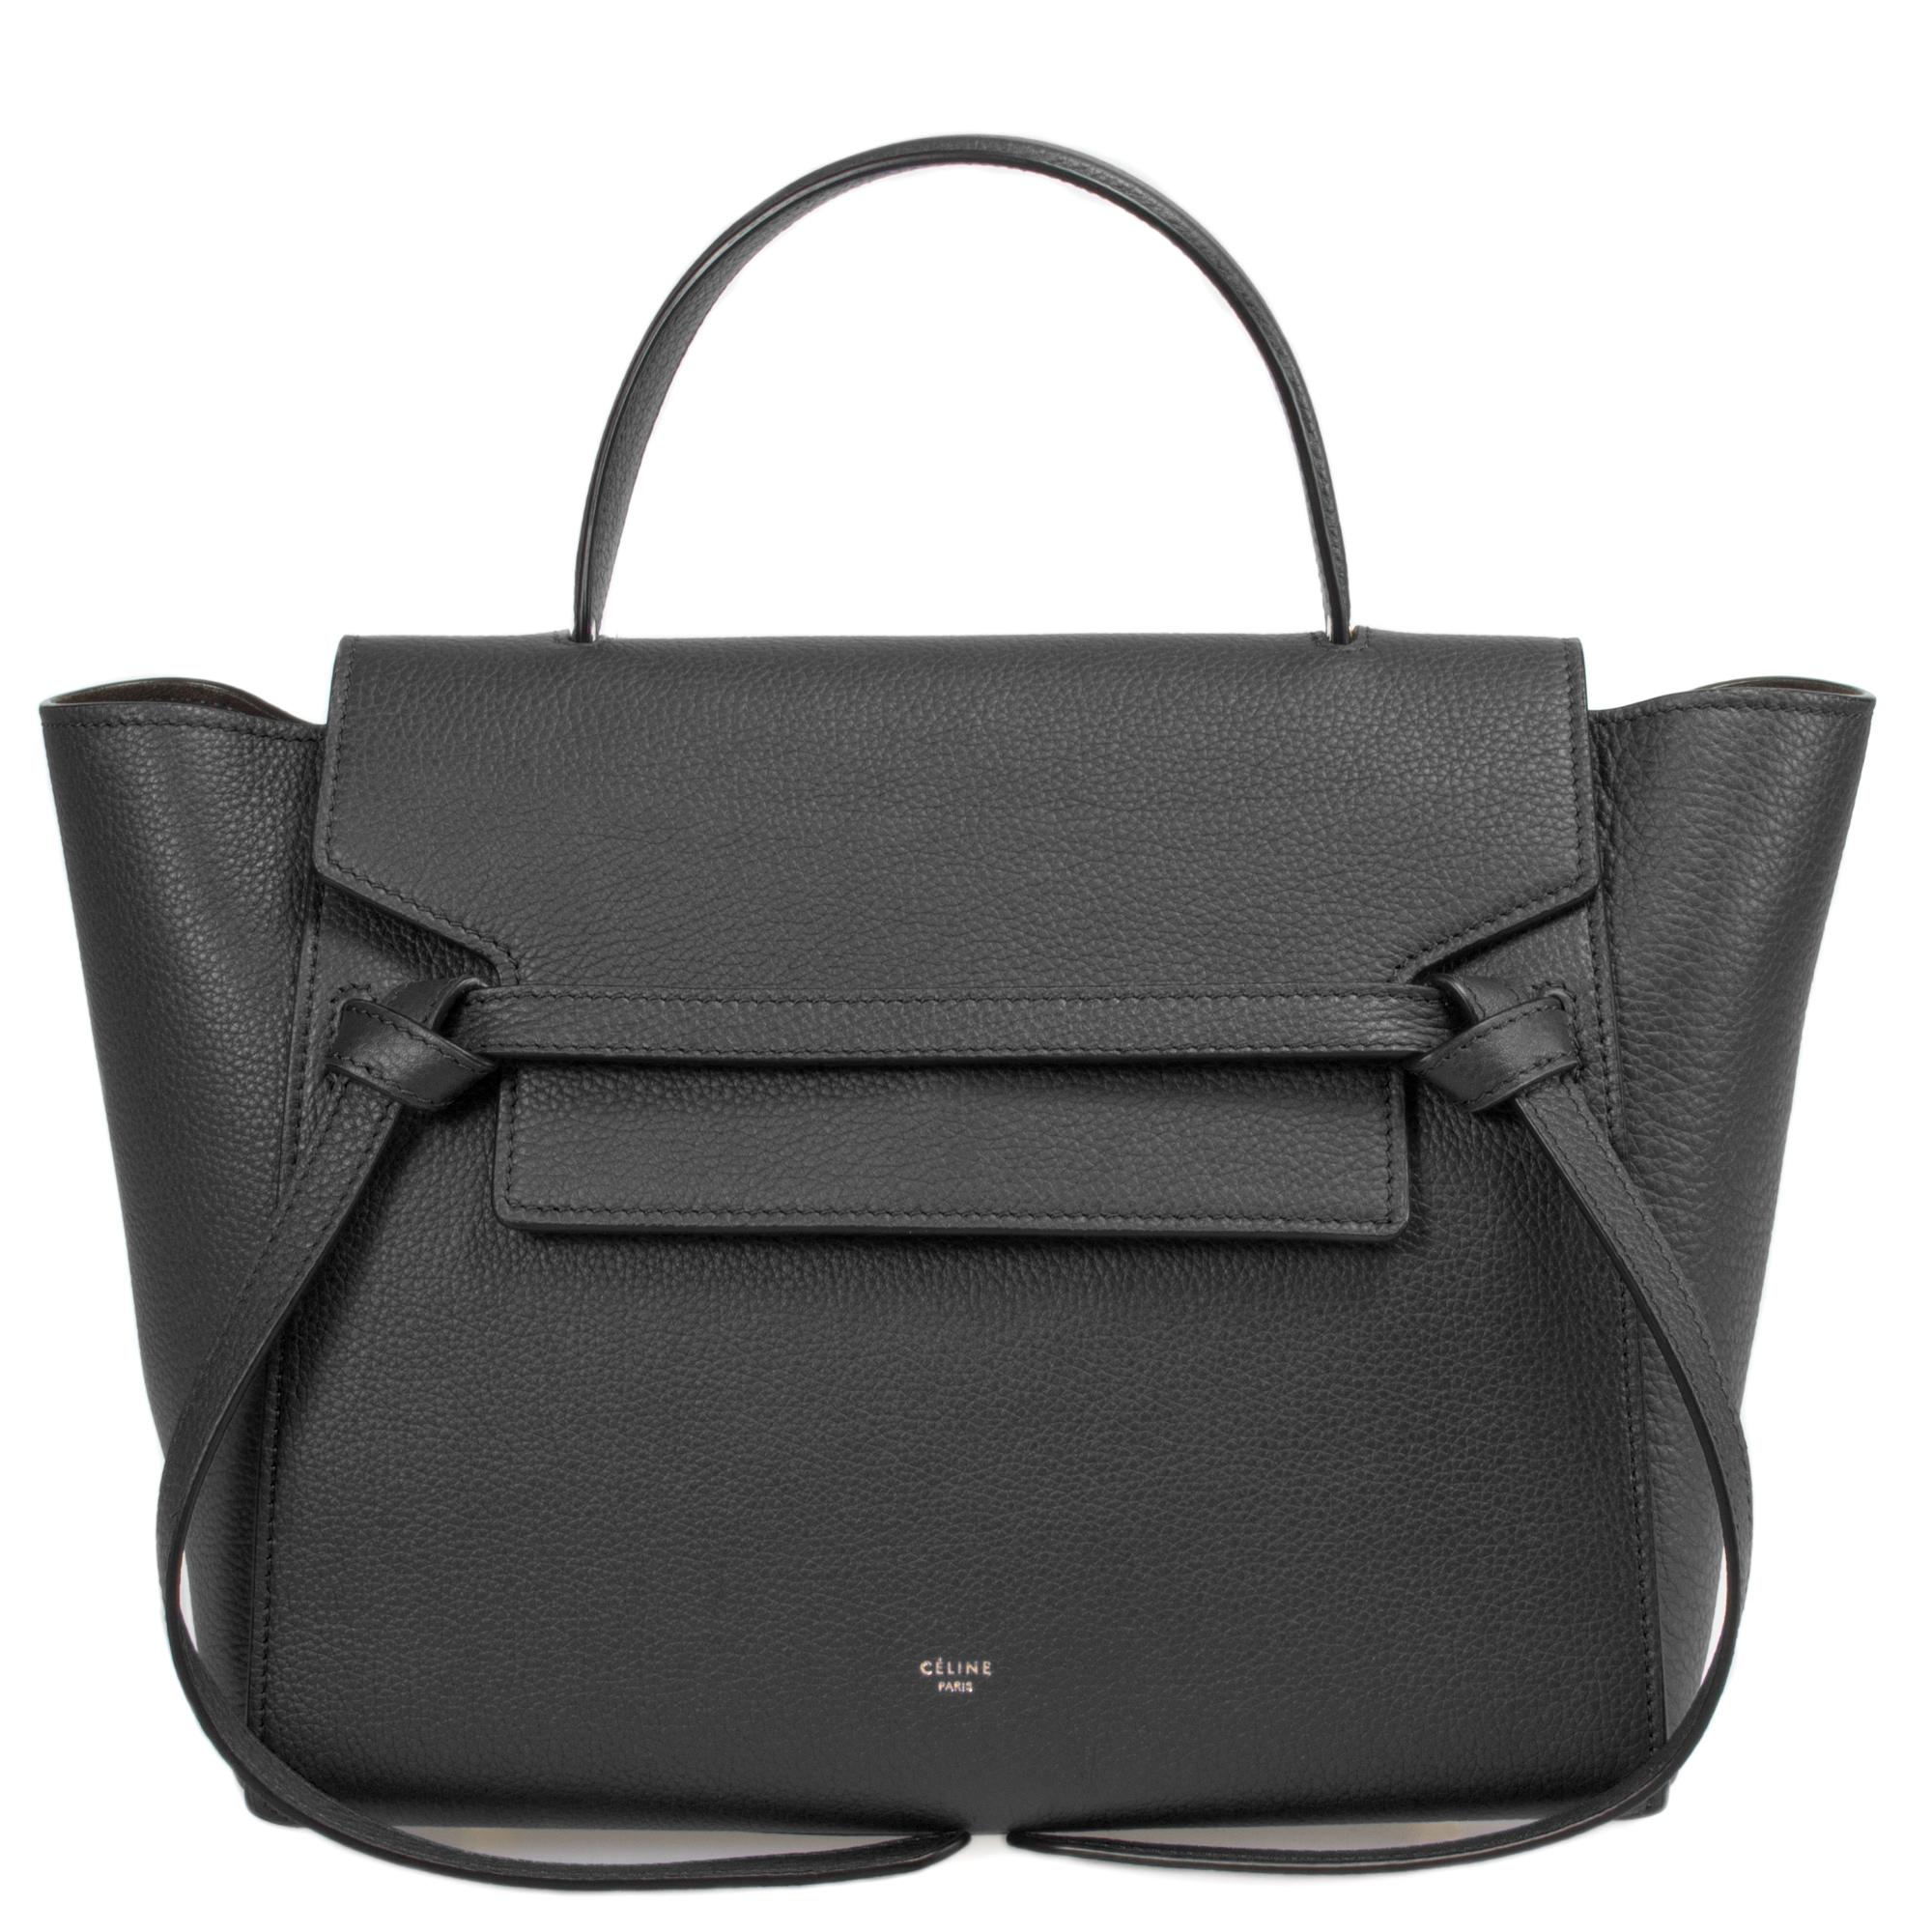 87e316b2e8 Celine Medium Belt Bag